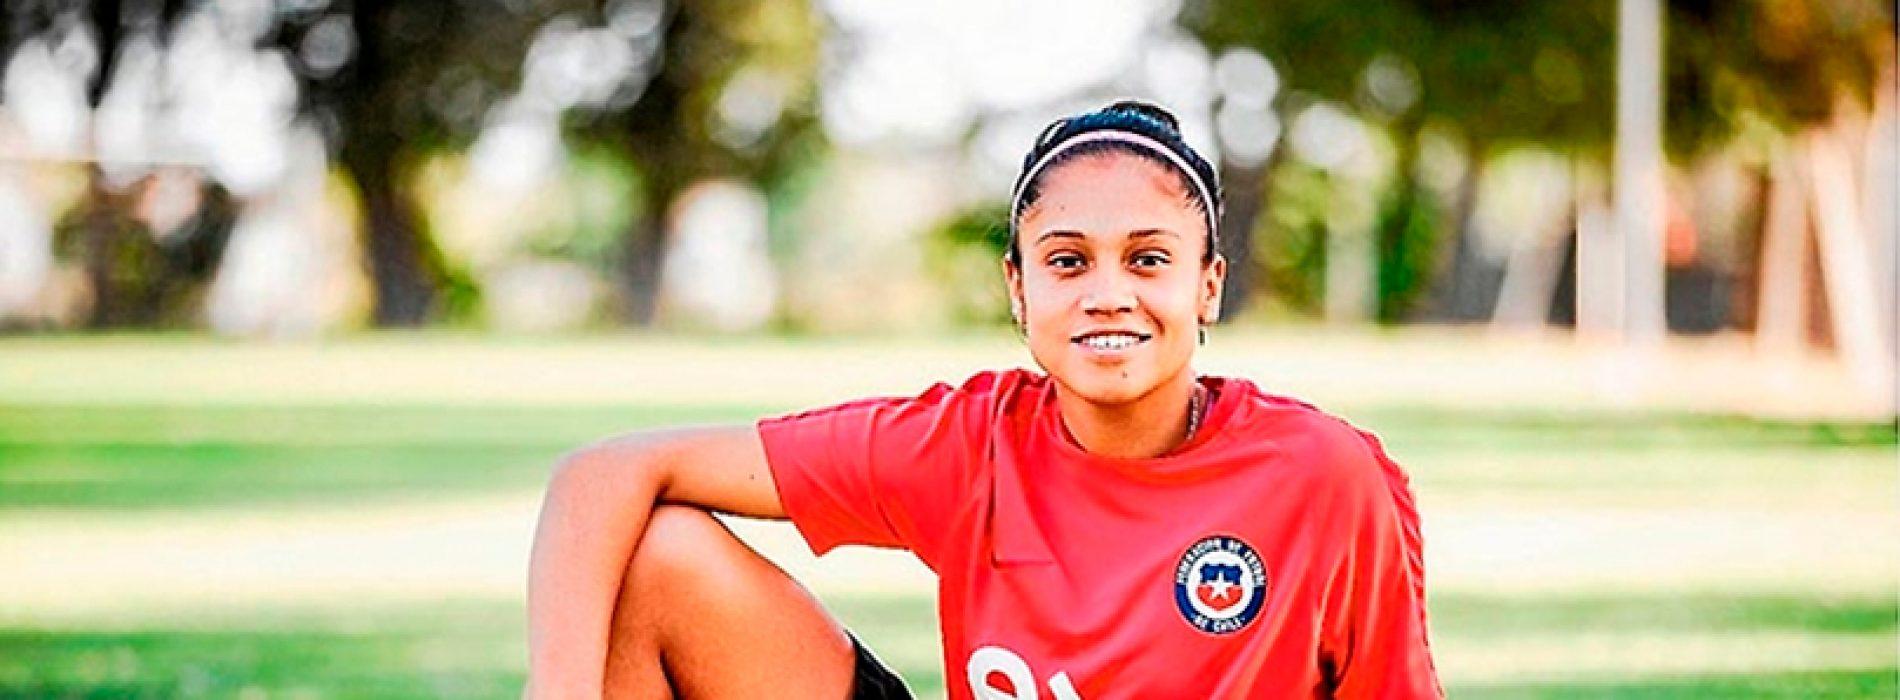 Fernanda Pinilla, la jugadora de la Roja que estudia un doctorado en la Casa de Bello